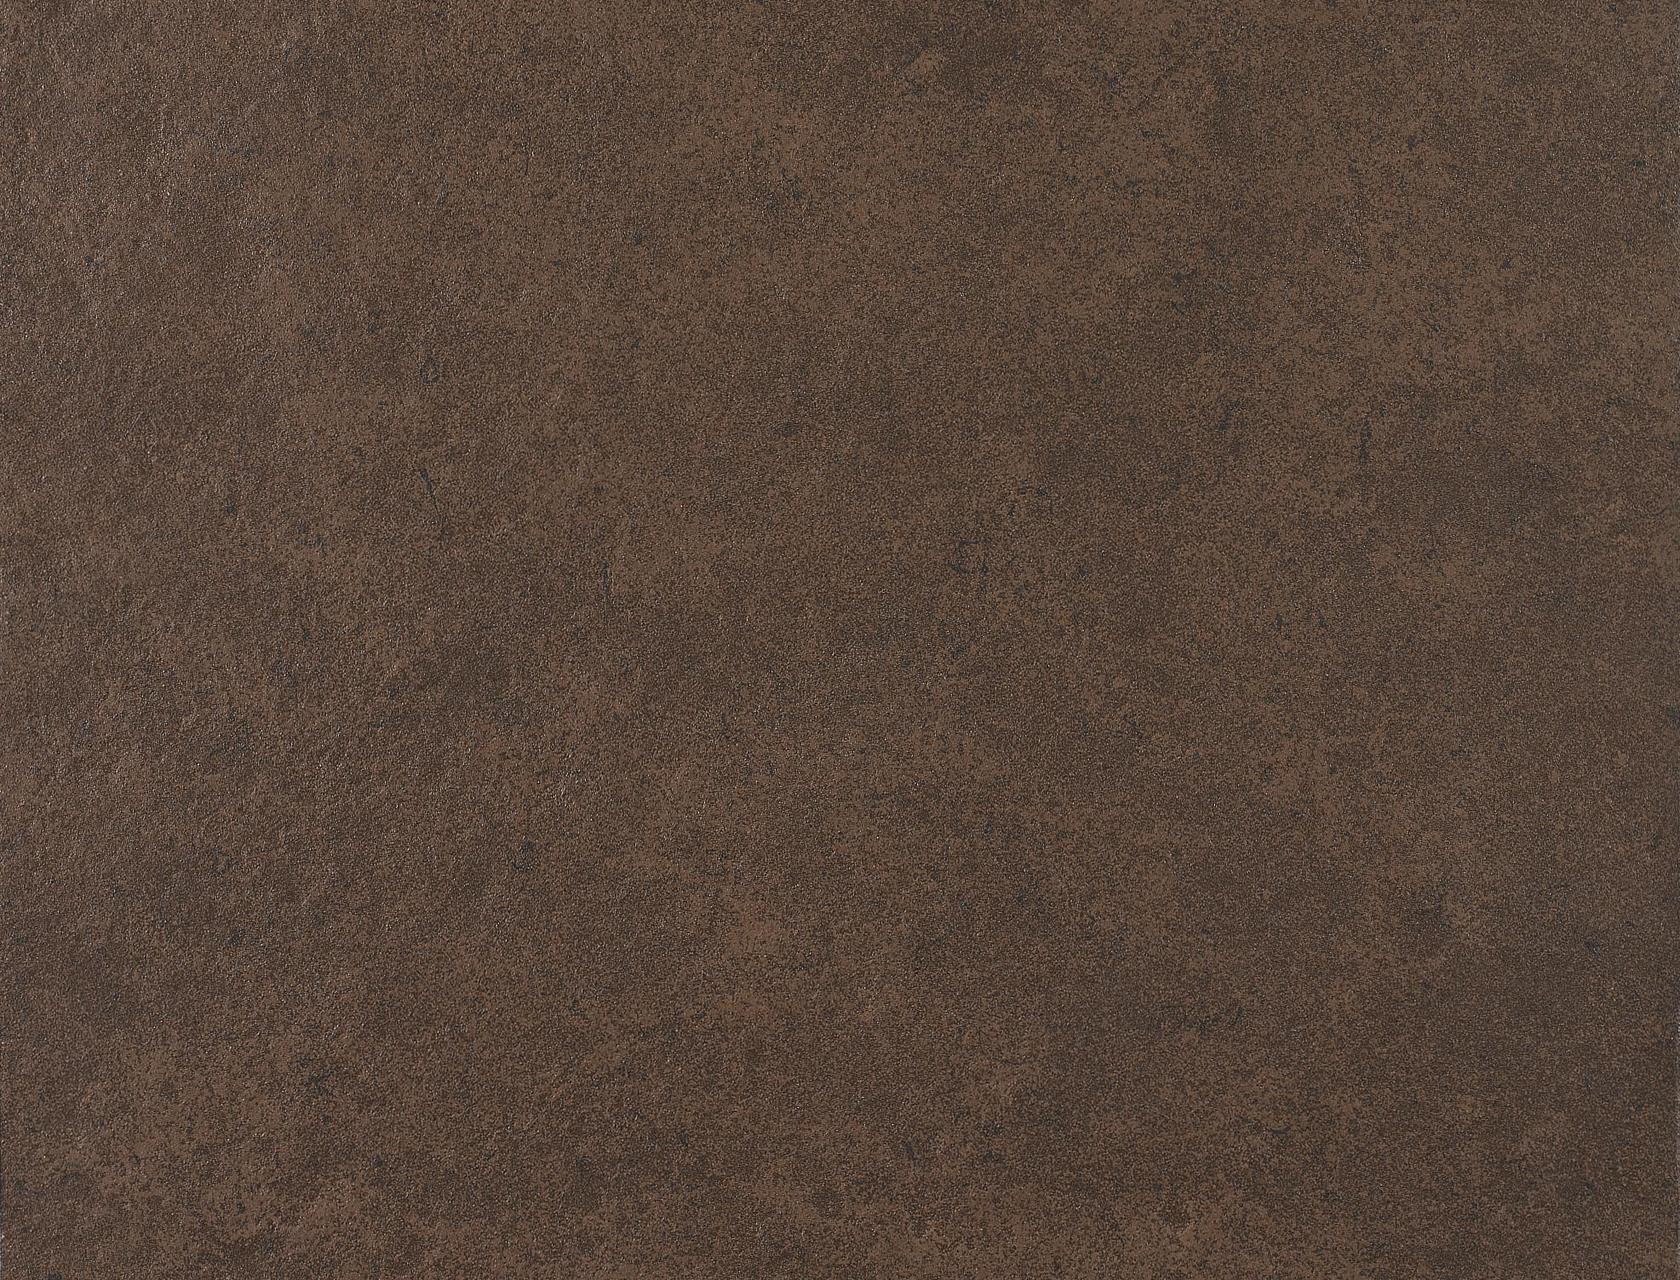 Pavimenti in gres porcellanato a tutta massa brown universe